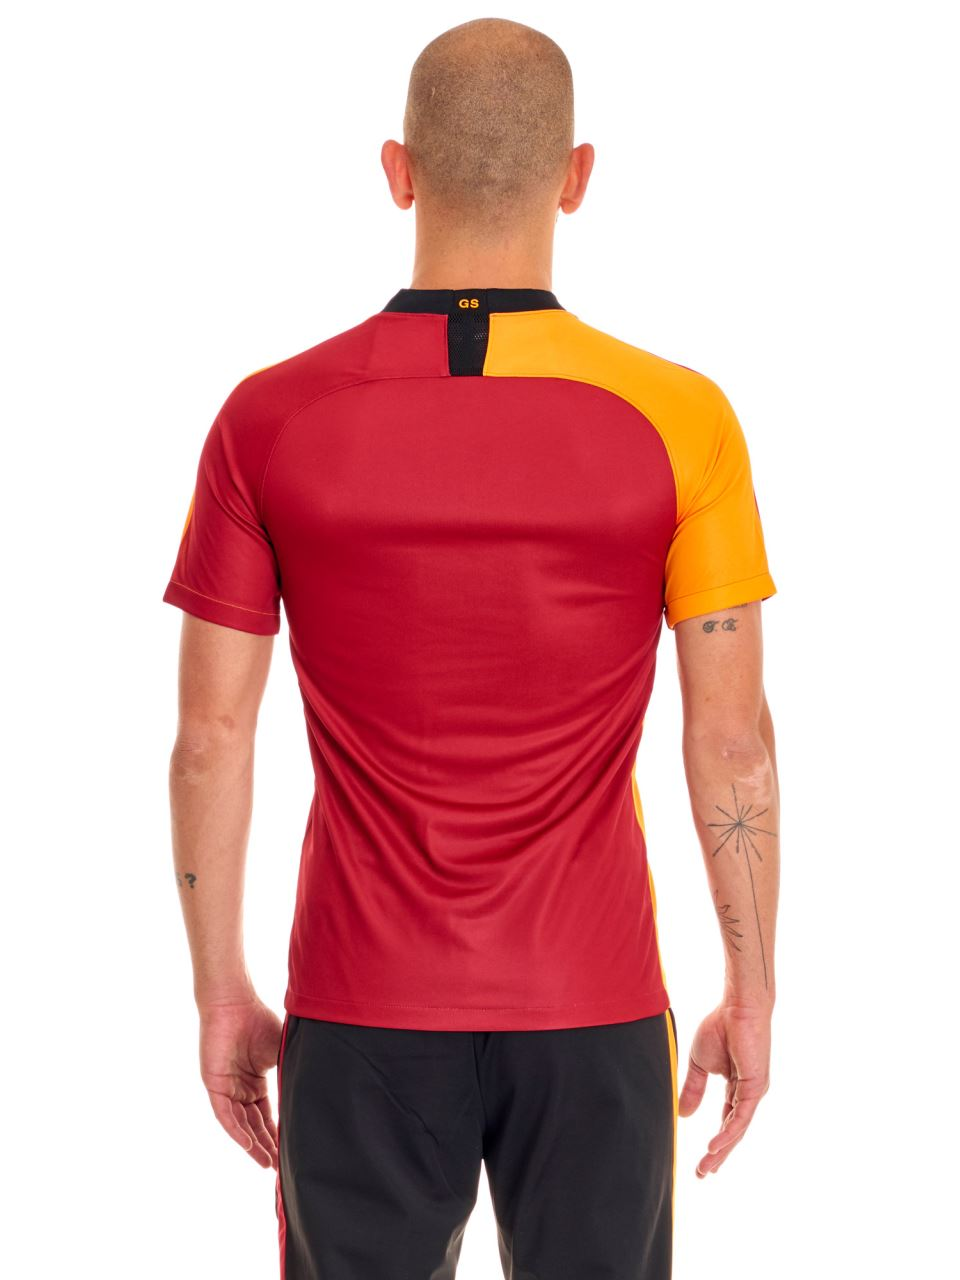 Nike Galatasaray Parçalı İç Saha Maç Forması 19-20 Aj5537-628